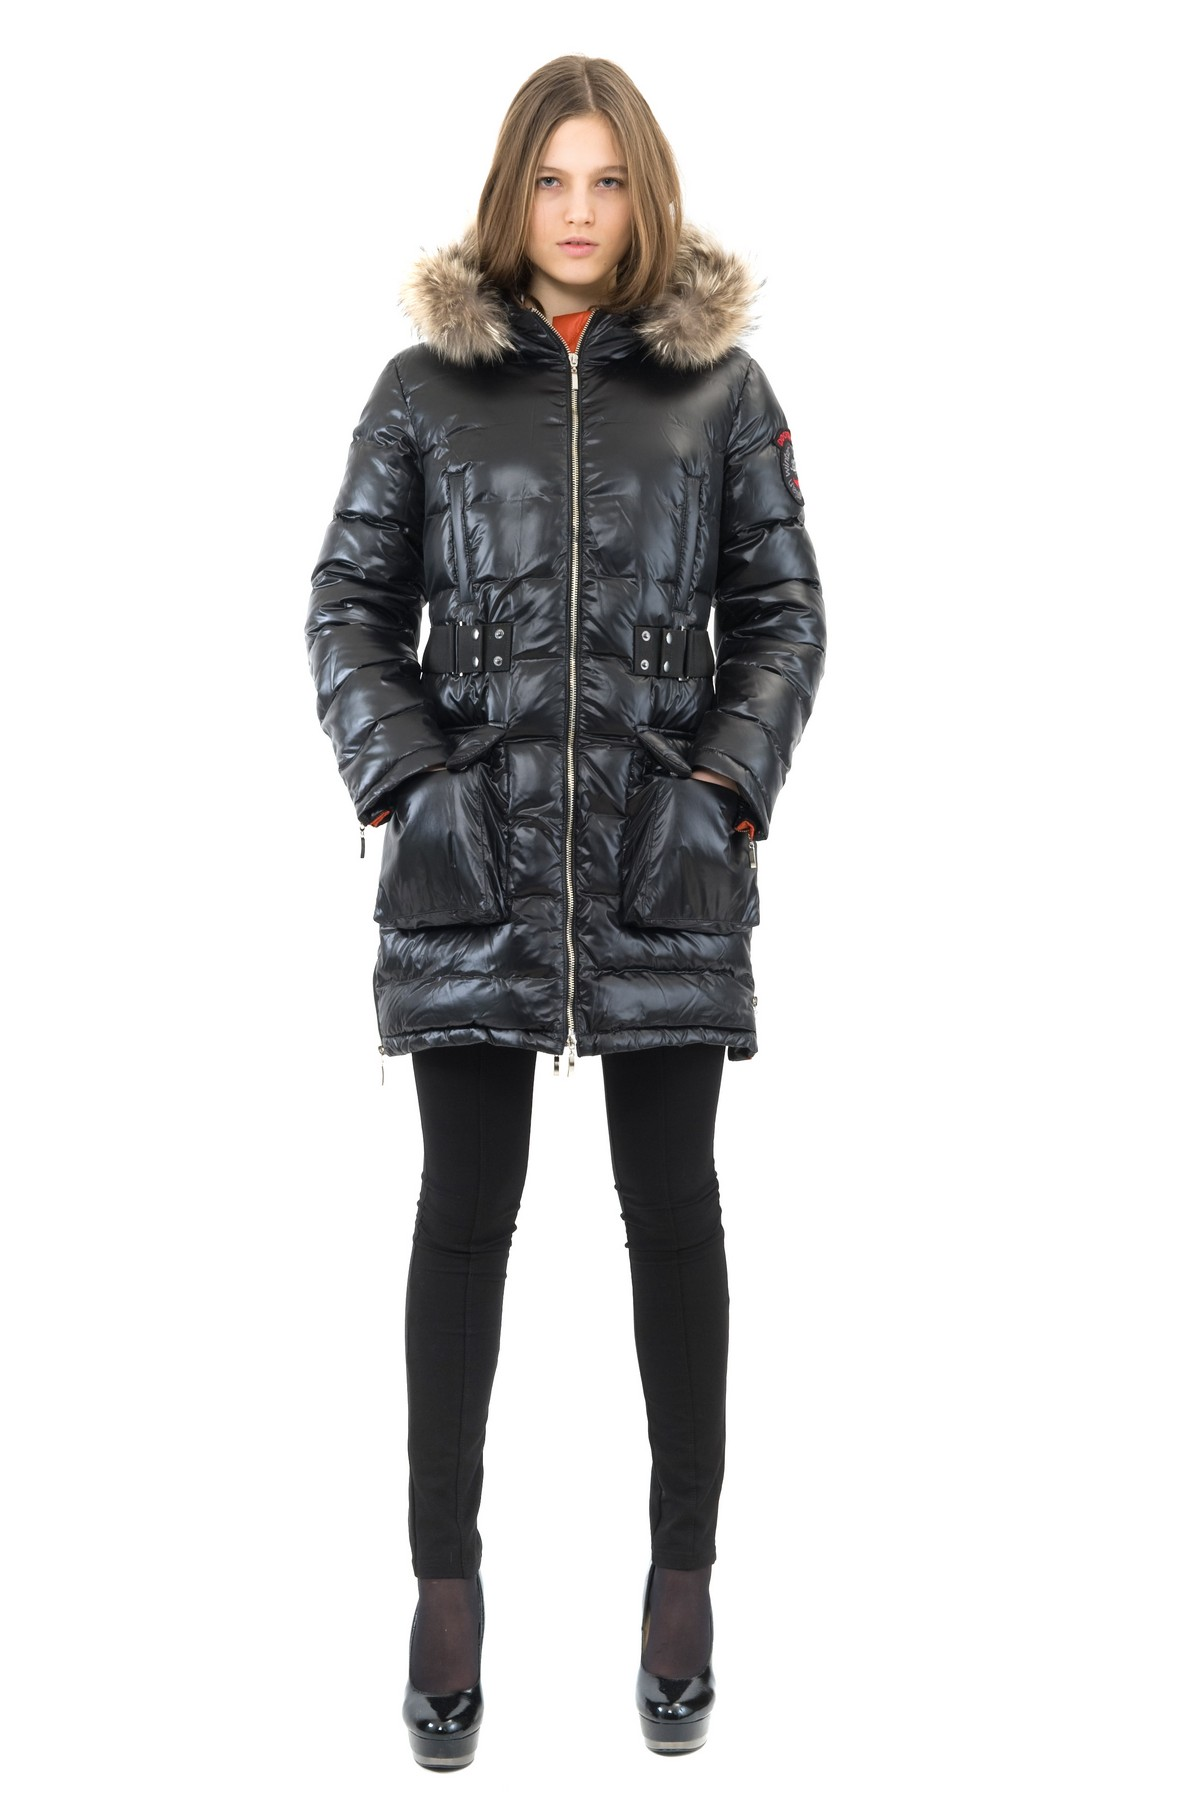 ПуховикЗимние куртки, пальто, пуховики<br>Если Вы любите тепло и уют, тогда Вам идеально подойдет этот замечательный пуховик. Утеплитель из высококачественного Российского пуха обеспечивает хорошую терморегуляцию и максимальный уровень комфорта. Модель выполнена из ветронепродуваемой, водоотталки<br><br>Цвет: черный,оранжевый<br>Состав: ткань - 100% полиэстер,подкладка - 100% полиэстер,утеплитель:100% пух<br>Размер: 50<br>Страна дизайна: Россия<br>Страна производства: Россия